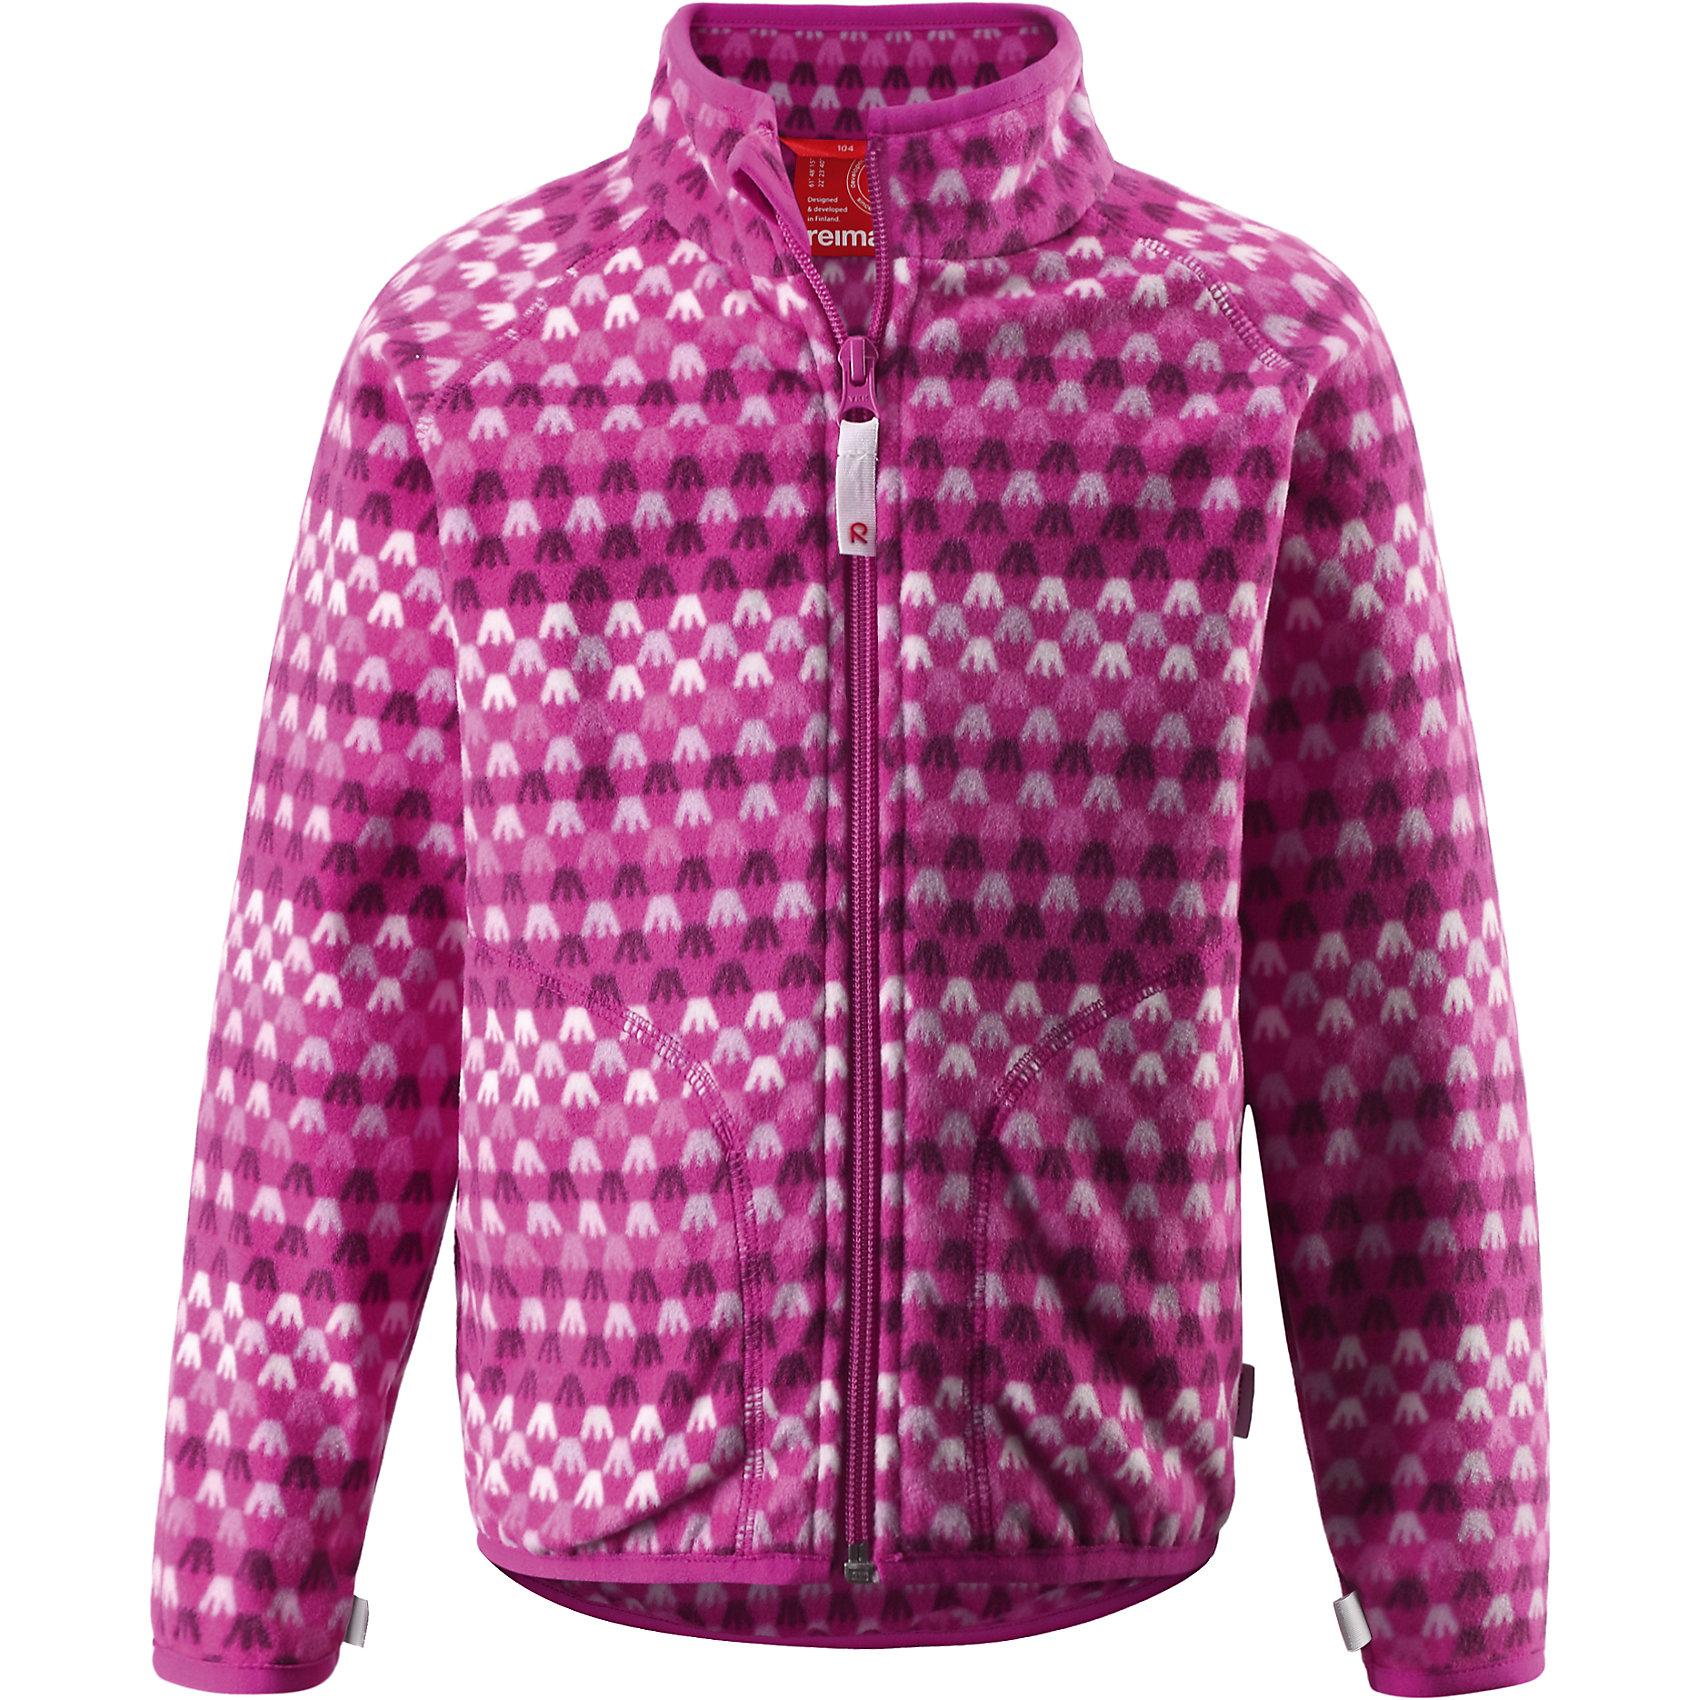 Толстовка флисовая Steppe для девочки ReimaФлис и термобелье<br>Толстовка флисовая  Reima<br>Флисовая куртка для детей. Выводит влагу наружу и быстро сохнет. Теплый, легкий и быстросохнущий поларфлис. Может пристегиваться к верхней одежде Reima® кнопками Play Layers®. Эластичные манжеты. Удлиненный подол сзади. Молния по всей длине с защитой подбородка. Боковые карманы. Принт по всей поверхности.<br>Уход:<br>Стирать по отдельности, вывернув наизнанку. Застегнуть молнии. Стирать моющим средством, не содержащим отбеливающие вещества. Полоскать без специального средства.  Сушить при низкой температуре.<br>Состав:<br>100% Полиэстер<br><br>Ширина мм: 356<br>Глубина мм: 10<br>Высота мм: 245<br>Вес г: 519<br>Цвет: розовый<br>Возраст от месяцев: 24<br>Возраст до месяцев: 36<br>Пол: Женский<br>Возраст: Детский<br>Размер: 98,140,110,92,104,116,122,128,134<br>SKU: 4779236